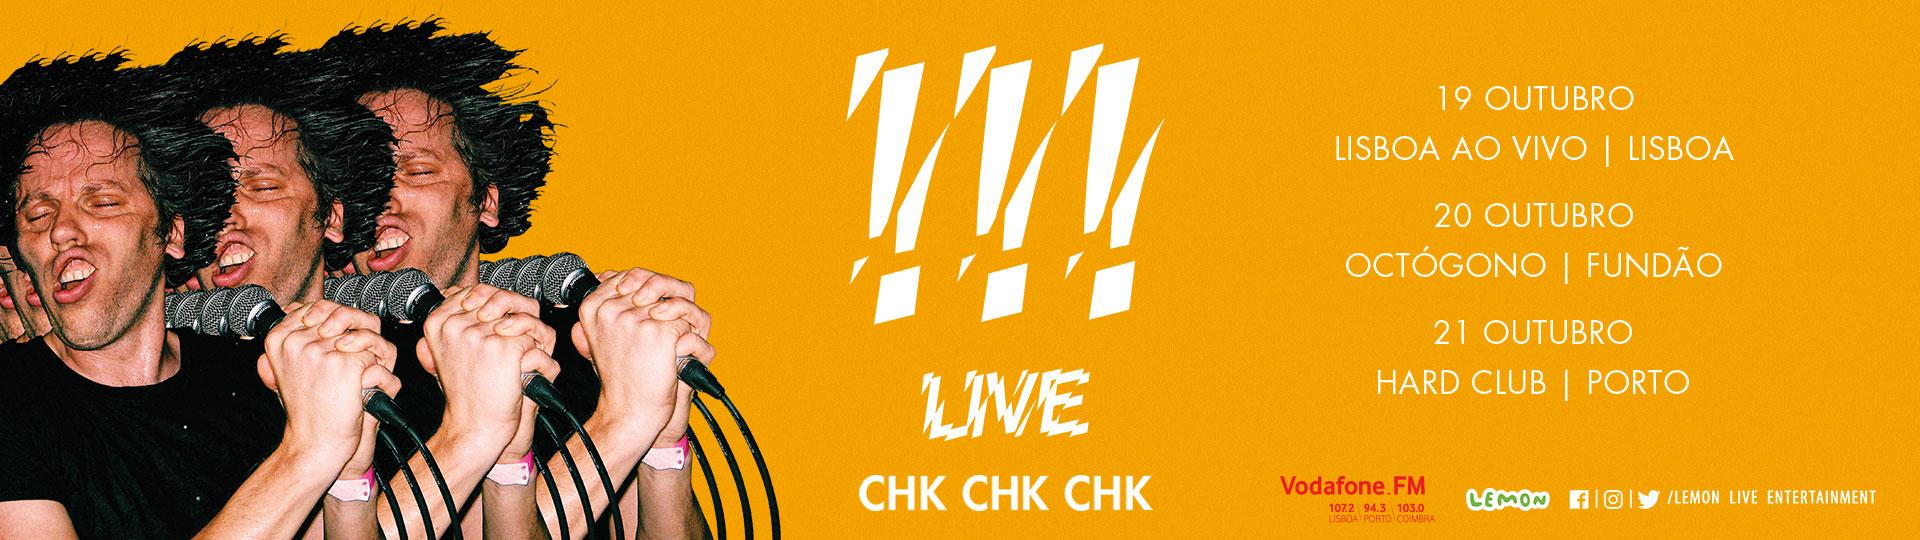 CHK CHK CHK